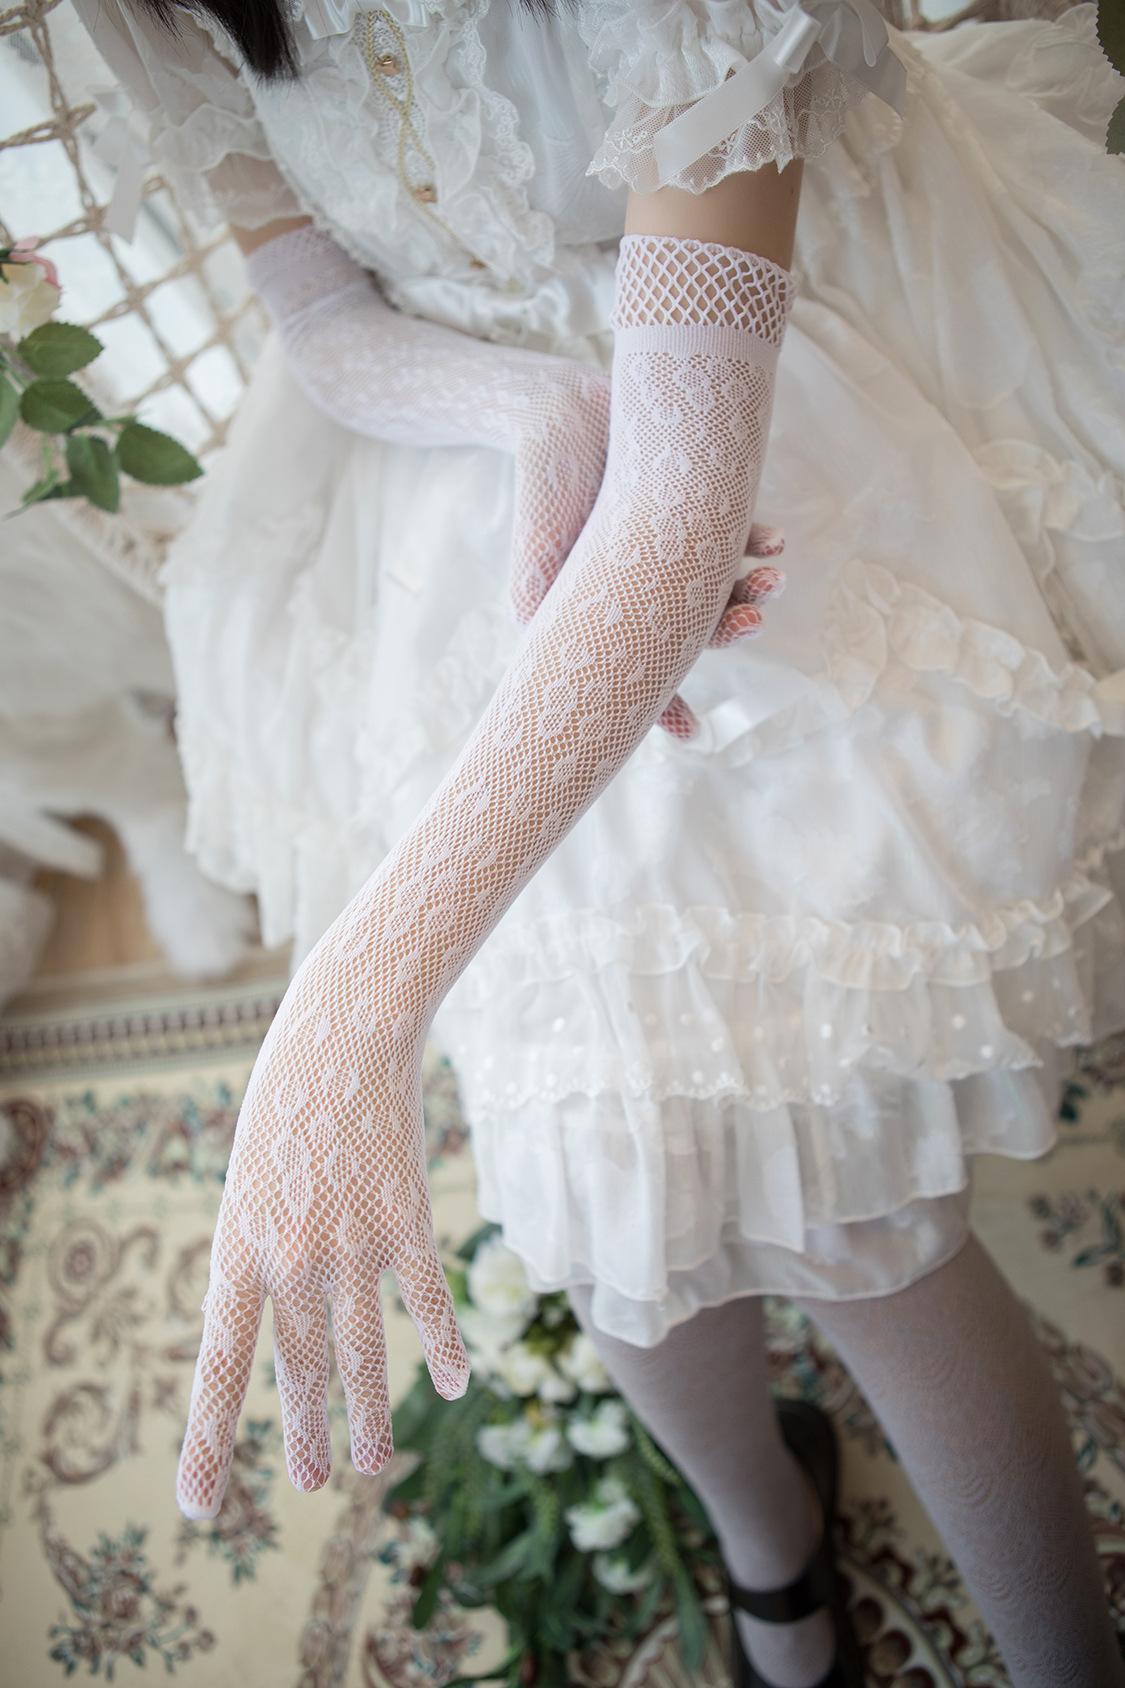 Guantes de novia de encaje Lolita Boho 2021 boda ocasión formal muchachas de las mujeres Guantes de la longitud del codo Guantes completa dedos largos de malla Novias AL6975